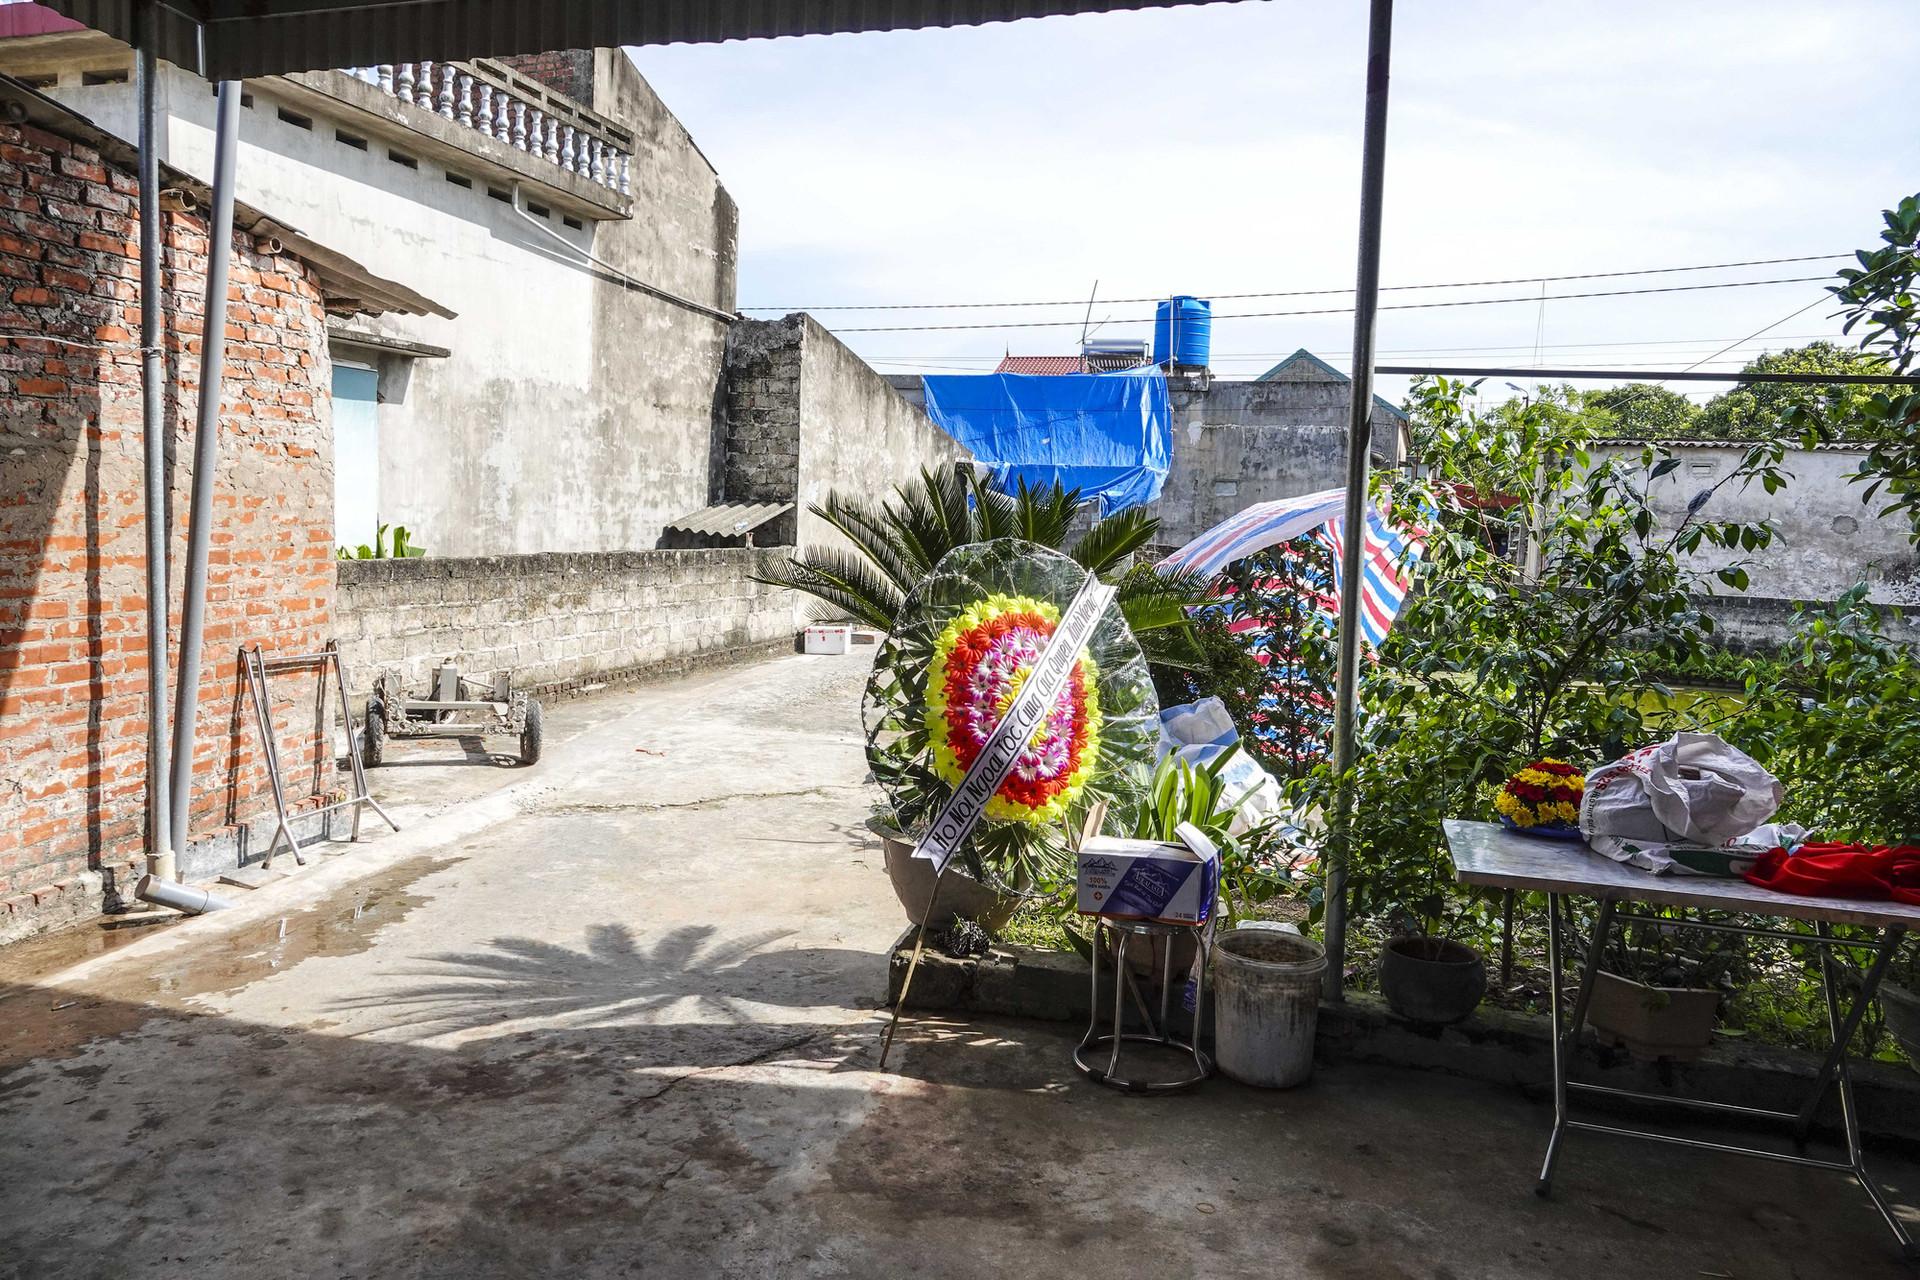 Vụ thảm án ở Thái Bình: Đám tang vội của 3 nạn nhân khiến nhiều người xót xa-5